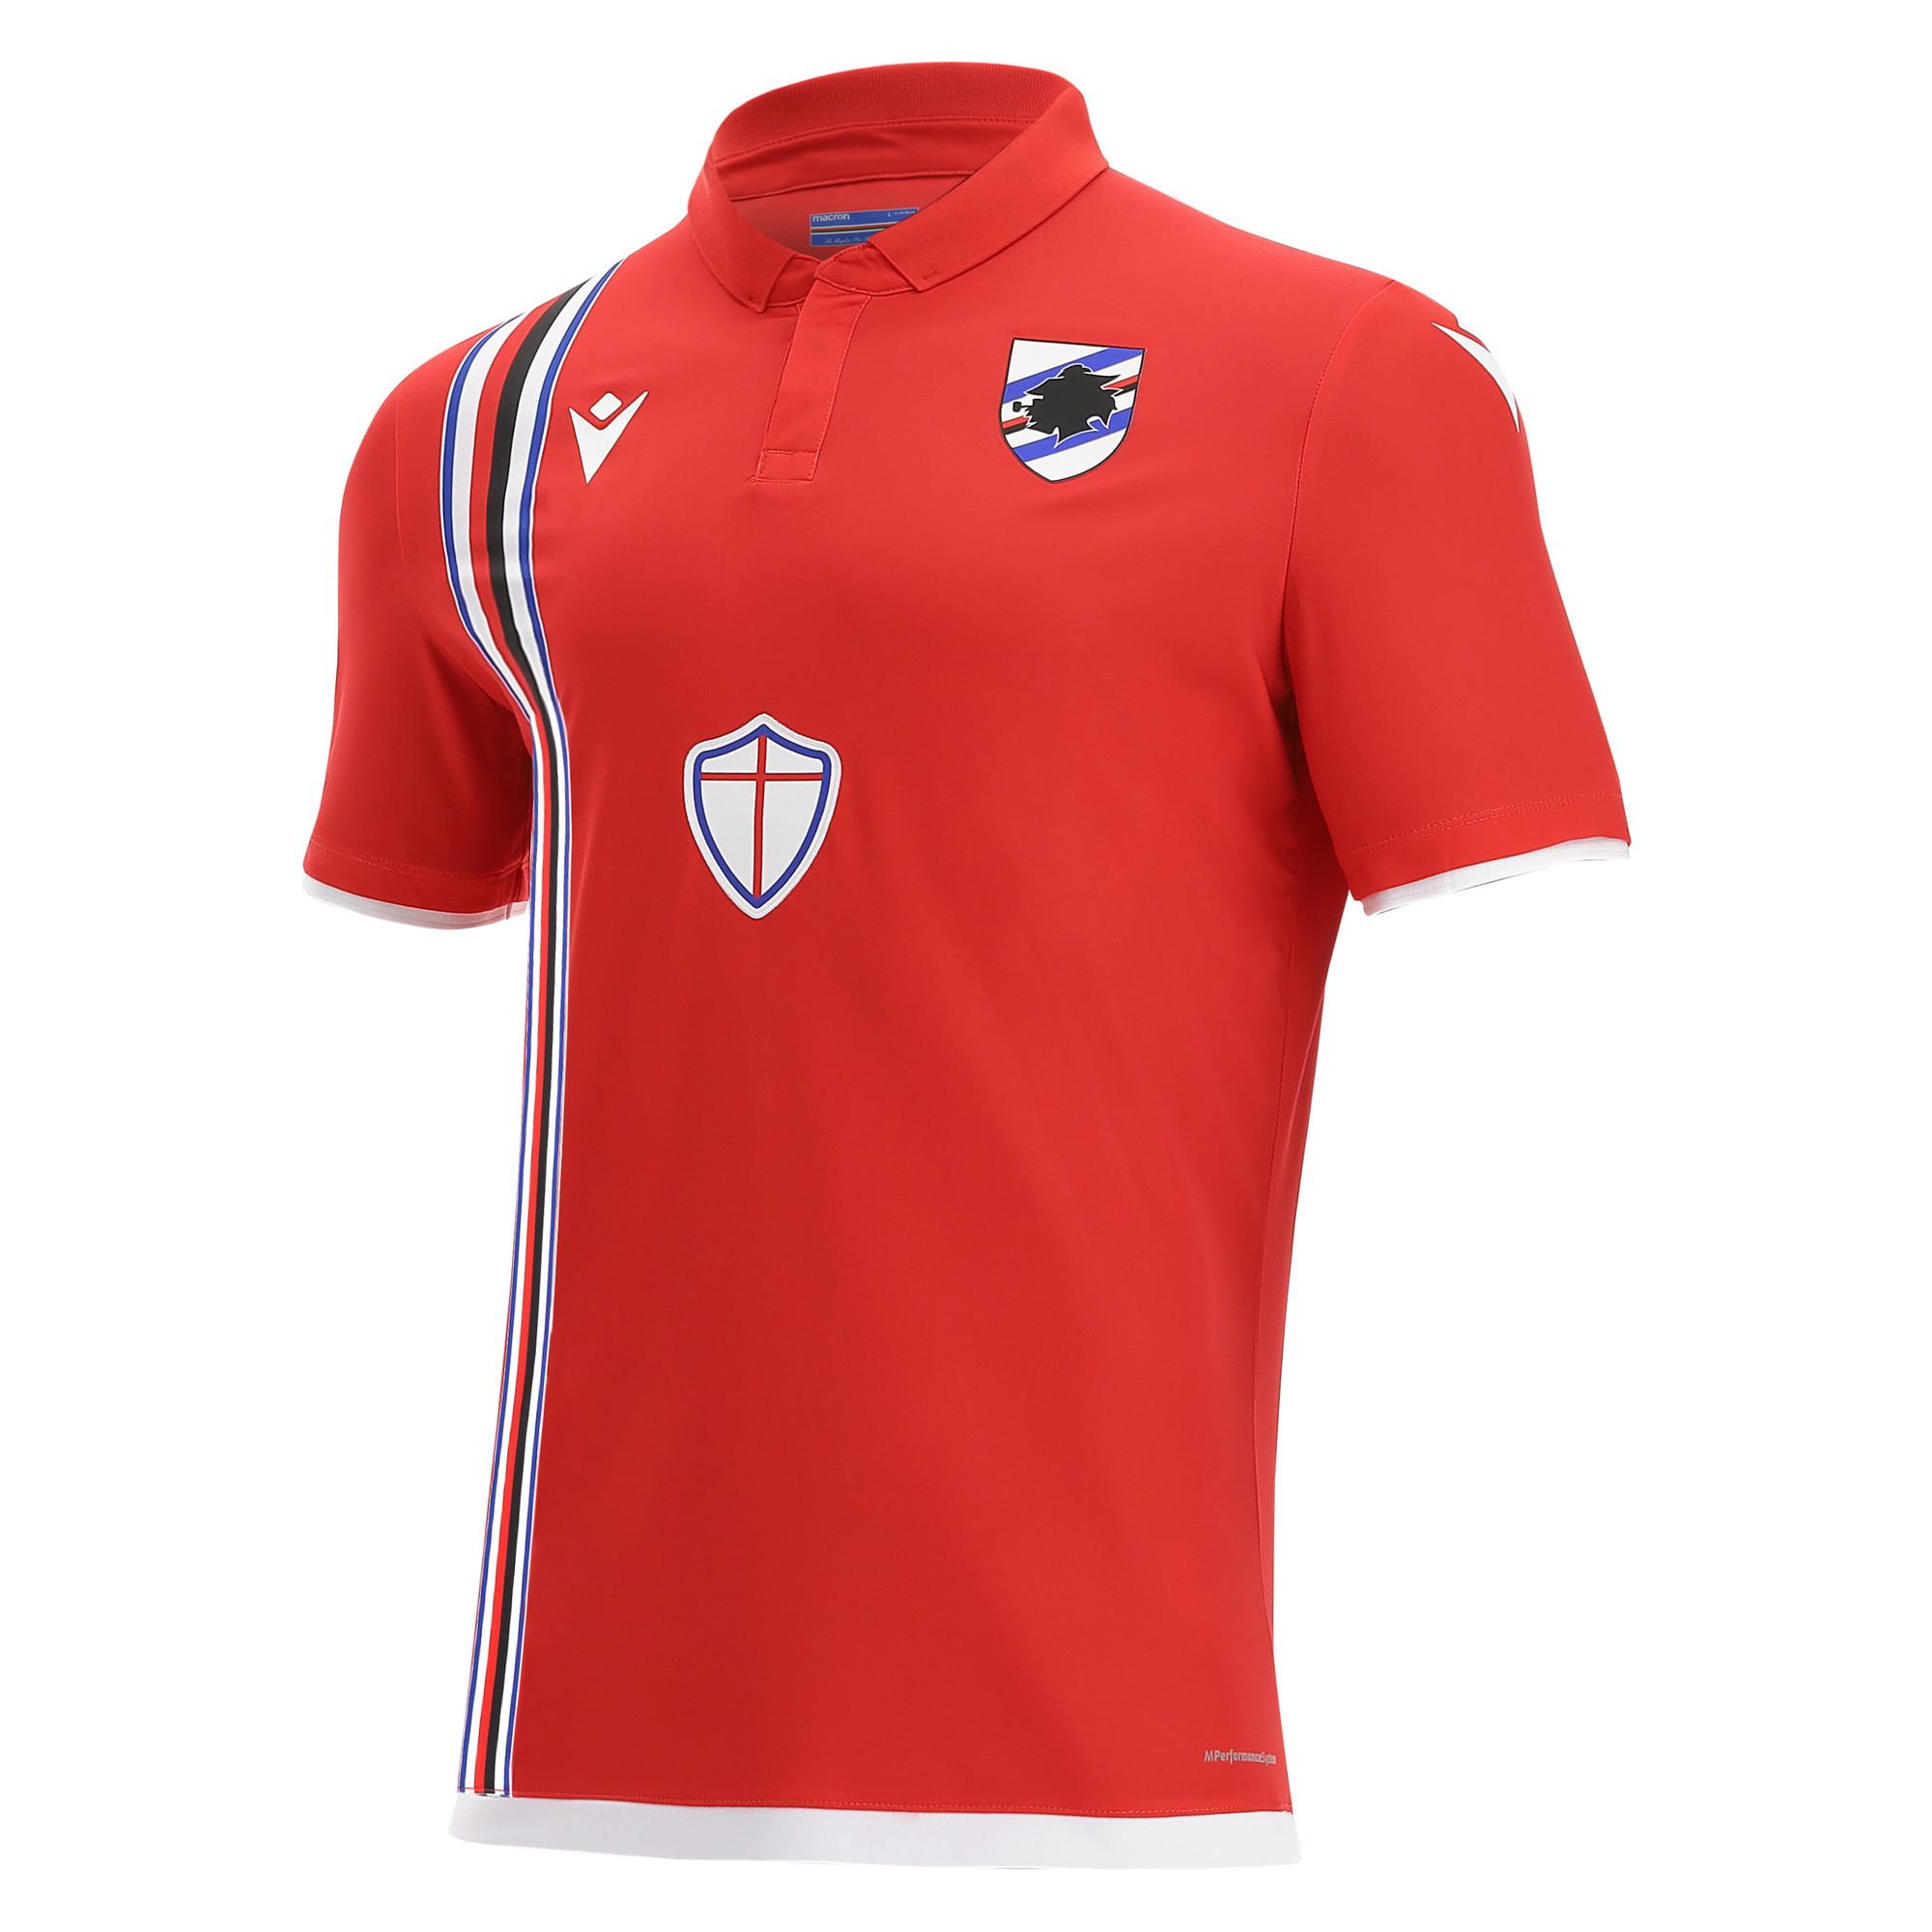 In occasione della sfida contro lo Spezia, la Sampdoria indosser&agrave;&nbsp;quella che sar&agrave; la&nbsp;terza maglia&nbsp;della prossima stagione. Il colore &egrave; quello che riporta prima agli anni &#39;80 poi alla Sampdoria di Vialli e Mancini e in seguito a quella di Mihajlovic, Gullit e Platt. Un colore che &egrave; particolarmente caro ai tifosi doriani:&nbsp;il rosso.&nbsp;Il design della nuova&nbsp;&ldquo;Third&rdquo; 2021-2022&nbsp;si rif&agrave; proprio a quella indossata 40 anni esatti fa, nella stagione 1981/82.&nbsp;Rossa&nbsp;con il collo a polo e la banda blucerchiata posta in verticale sulla destra. Il backneck &egrave; personalizzato con i colori del club e la frase&nbsp;La Maglia Pi&ugrave; Bella Del Mondo. Sul petto a destra e in bianco il&nbsp;Macron Hero, logo del brand italiano, a sinistra, lato cuore lo stemma dell&rsquo;U.C. Sampdoria, mentre al centro, pi&ugrave; in basso, spicca la croce di San Giorgio, simbolo del capoluogo ligure e sempre presente all&rsquo;interno della fascia blucerchiata nelle maglie doriane. Dettagli bianchi sui bordi manica e sul fondo maglia.&nbsp;<br /><br />